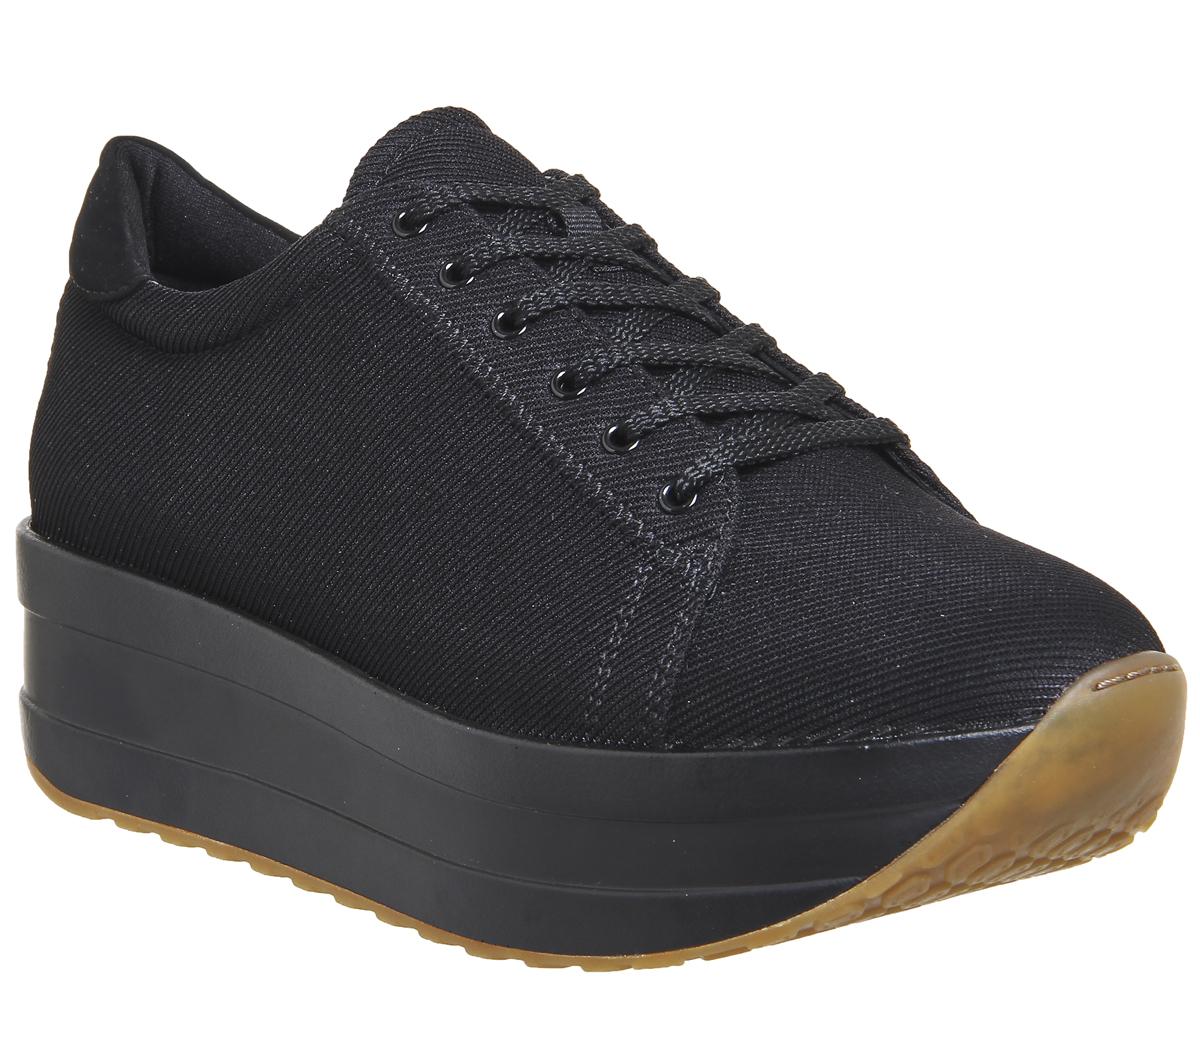 Vagabond Black Sole Casey Womens Trainers Shoes Flatforms Canvas C4Ofx